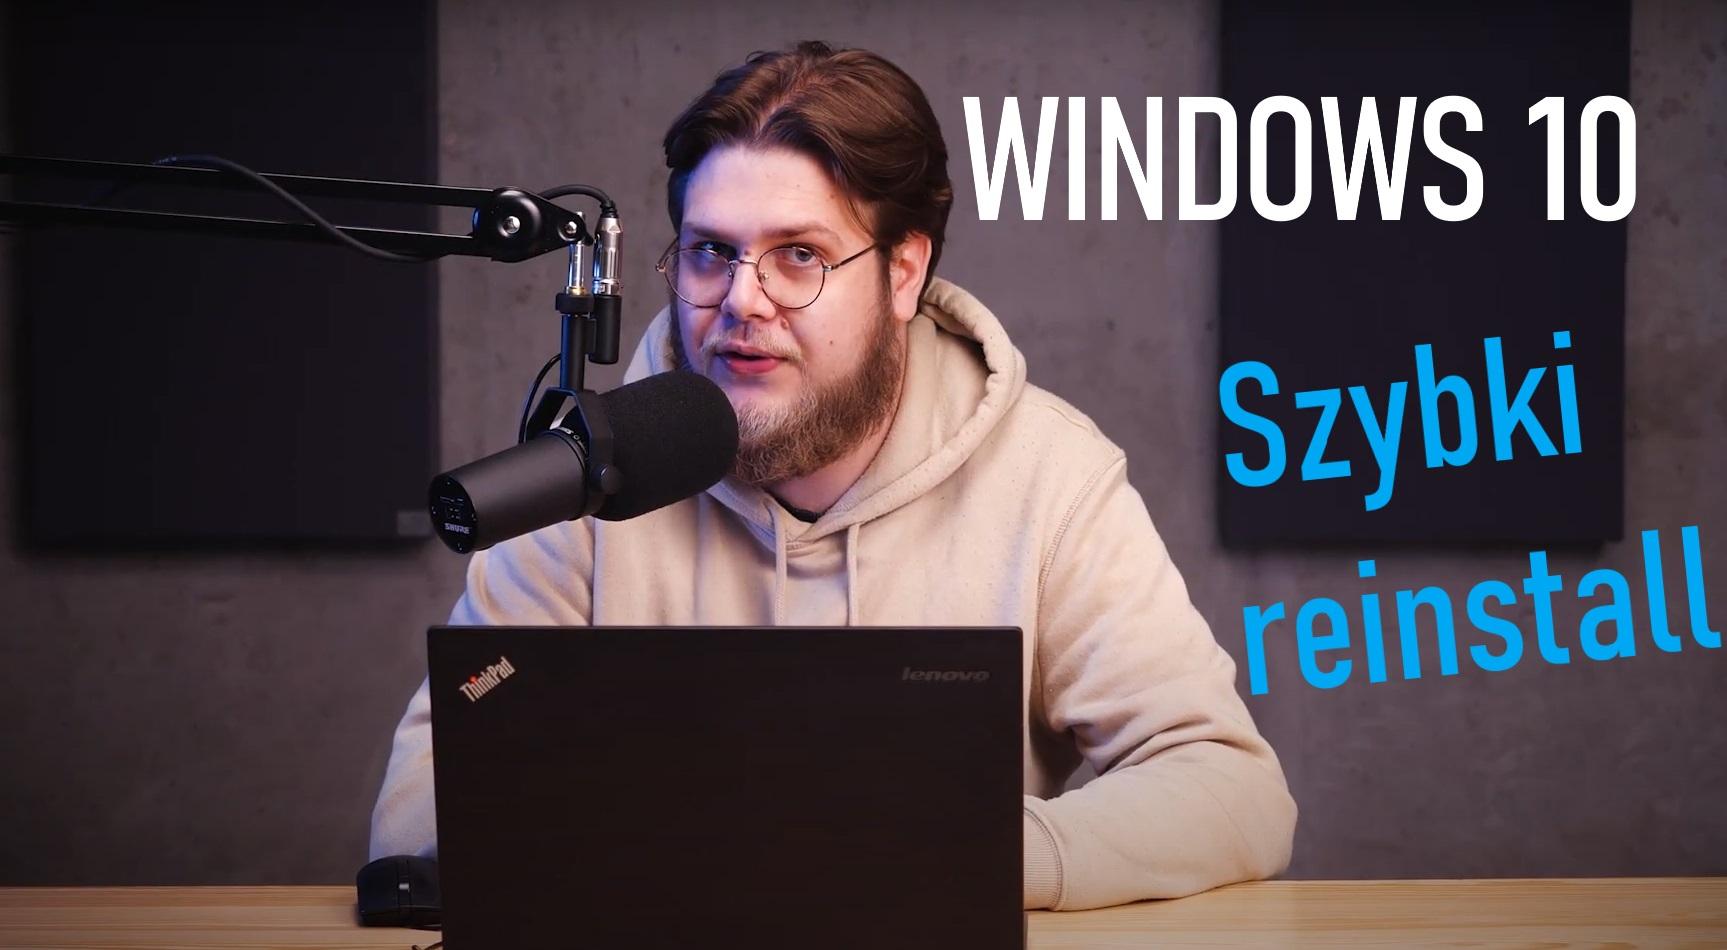 Jak przywrócić system Windows 10 do stanu początkowego?